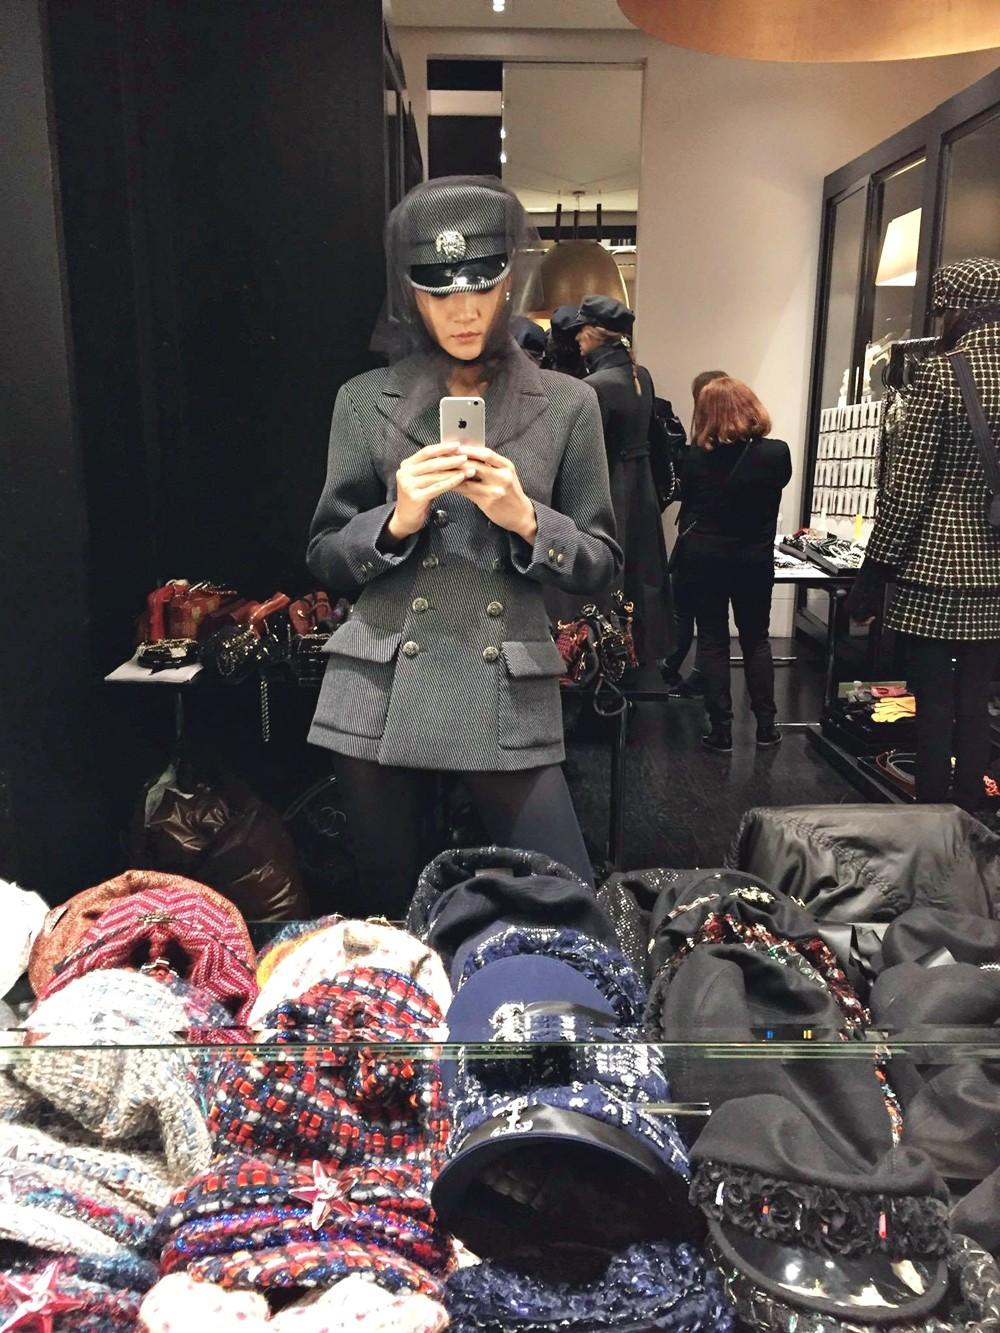 Diễn từ show Chanel đến làm mẫu cho Lancome, Thùy Trang ắt là người mẫu oách nhất năm nay! - Ảnh 3.